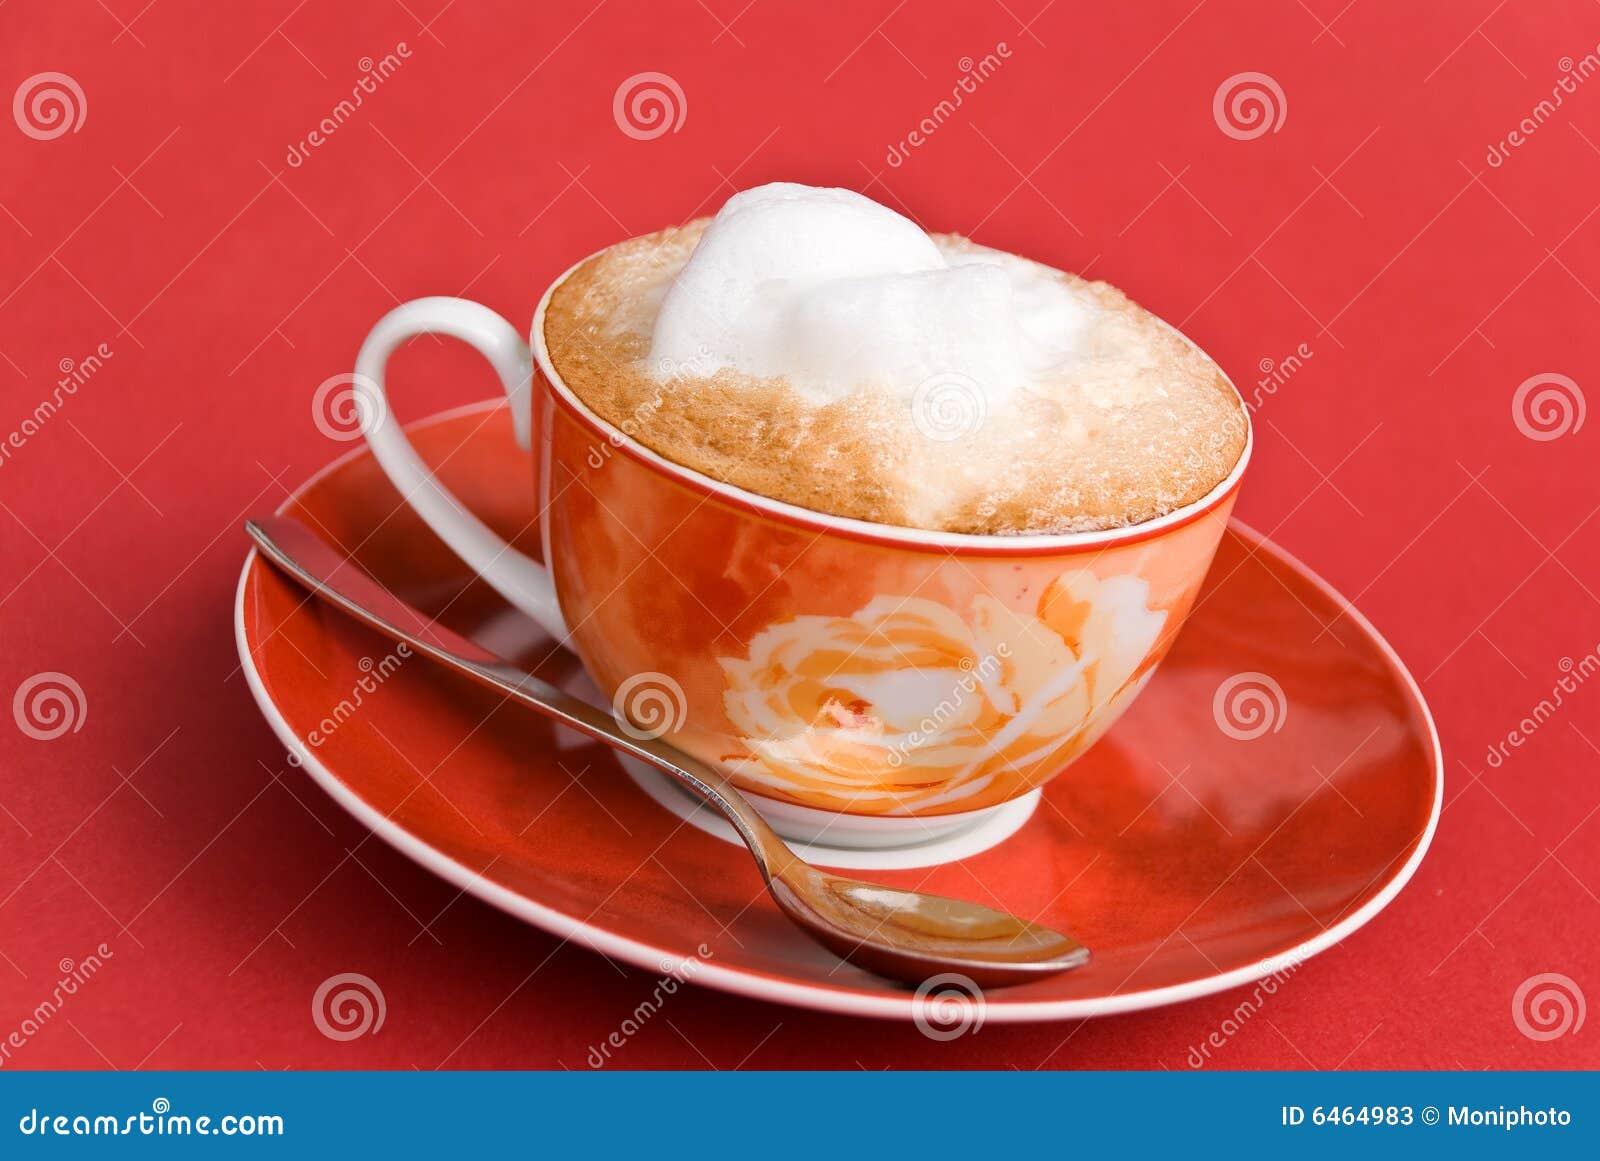 Cappuccino kubki mleka piany